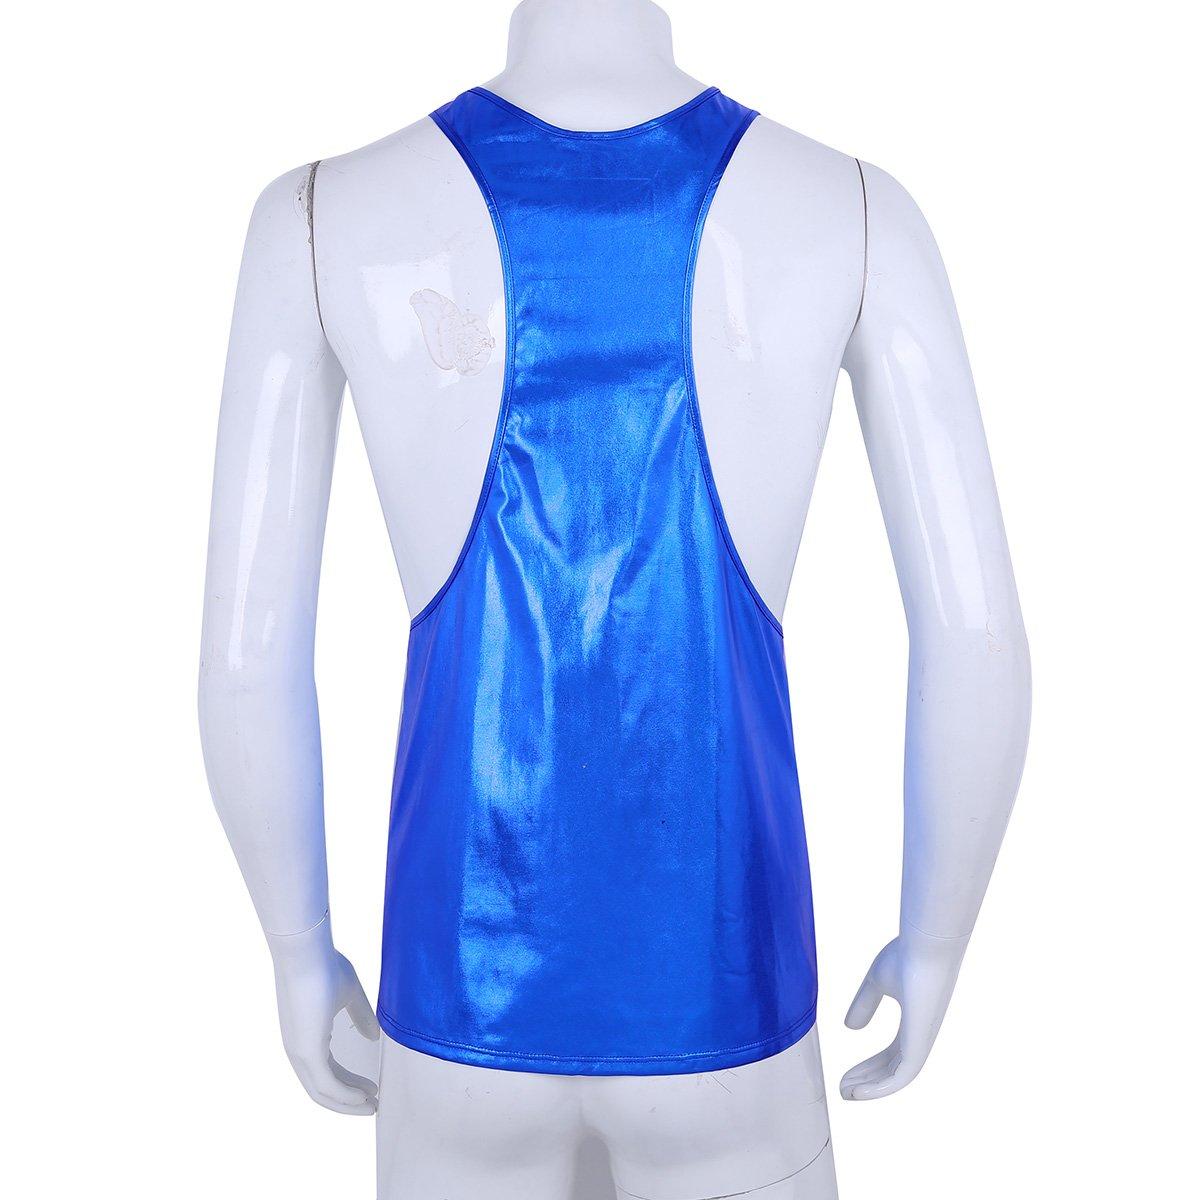 873e6f966339 iiniim Herren Tank Top Shirt Wetlook Muskelshirt Ärmellos Unterhemd  Achselhemd Party Clubwear M-XL  Amazon.de  Bekleidung